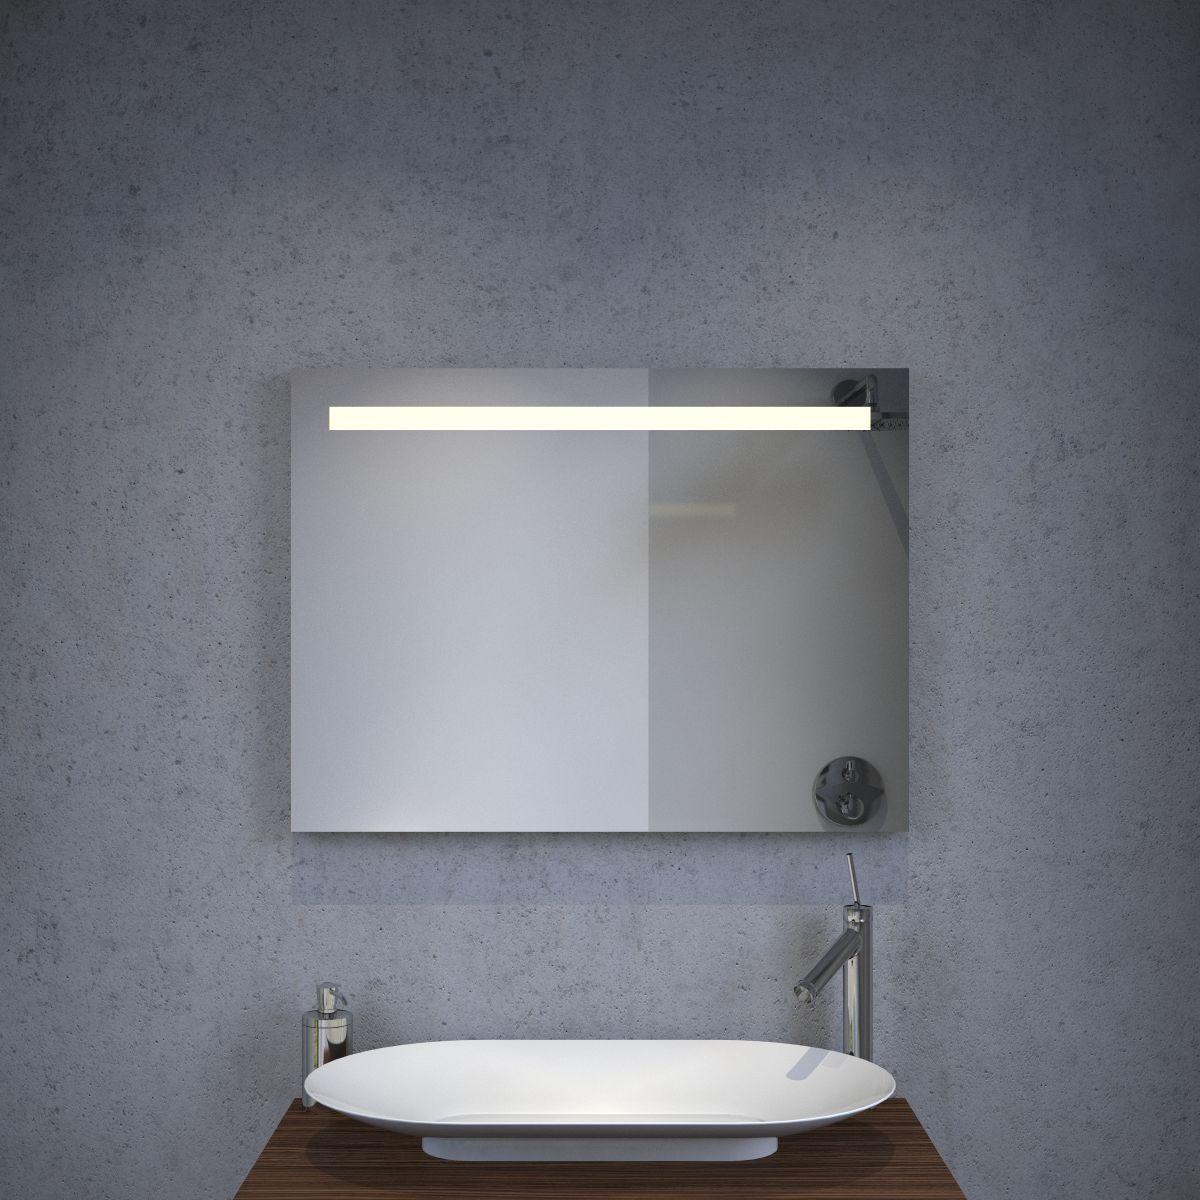 Badkamer led spiegel met verwarming en sensor 80 60 cm designspiegels badkamerspiegel met - Badkamer model met badkuip ...